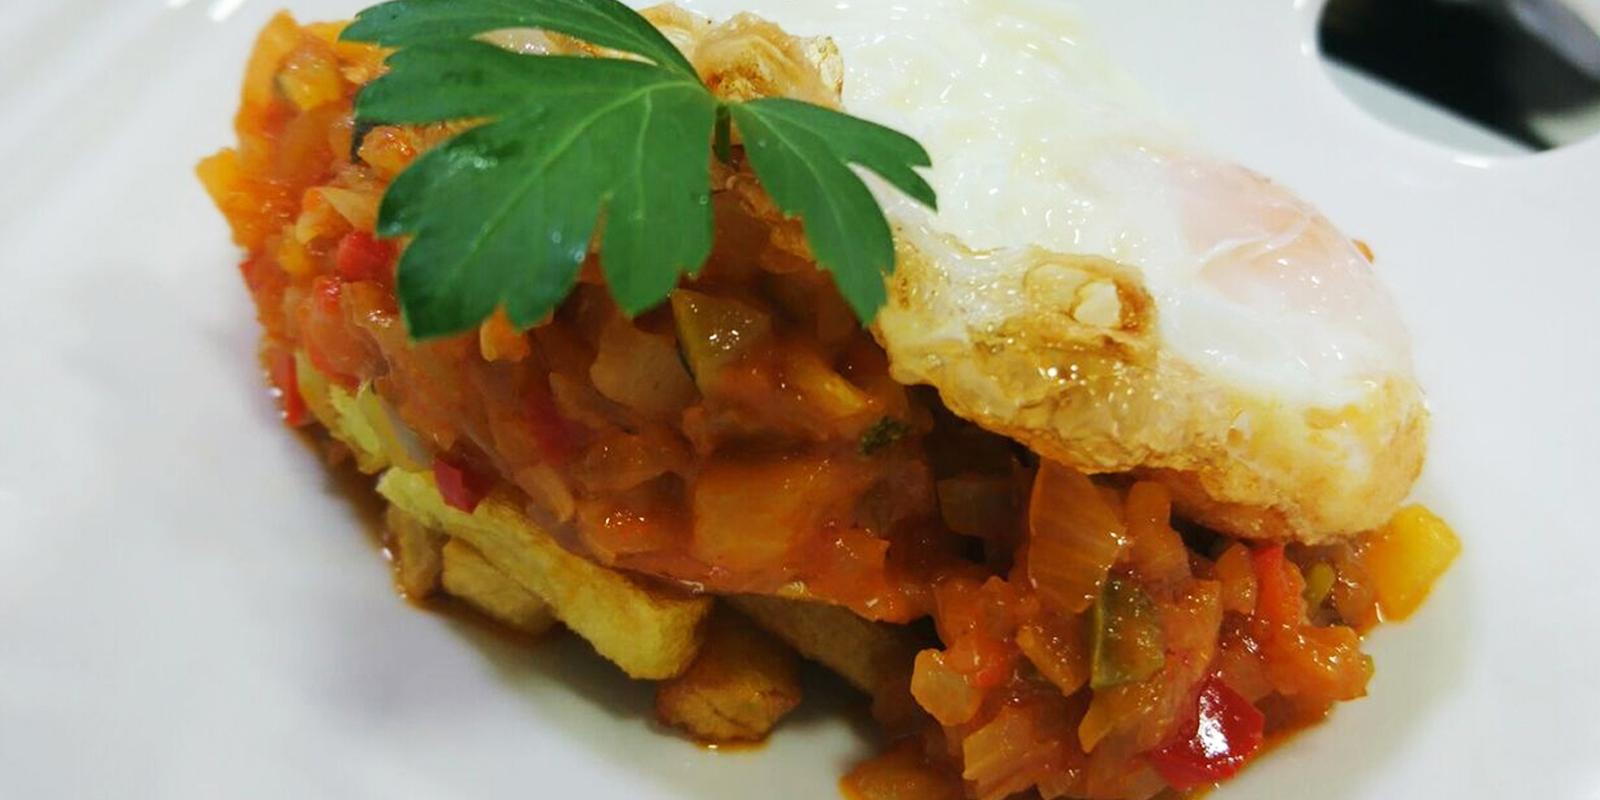 Menú día; comida; menú diario; Aluche; Madrid; Restaurante; Gastronomía; Comer en Madrid; cocina de mercado; Sidrería Pikondo; comer bien; menú de calidad; dónde comer en Aluche; pisto manchego; huevo;